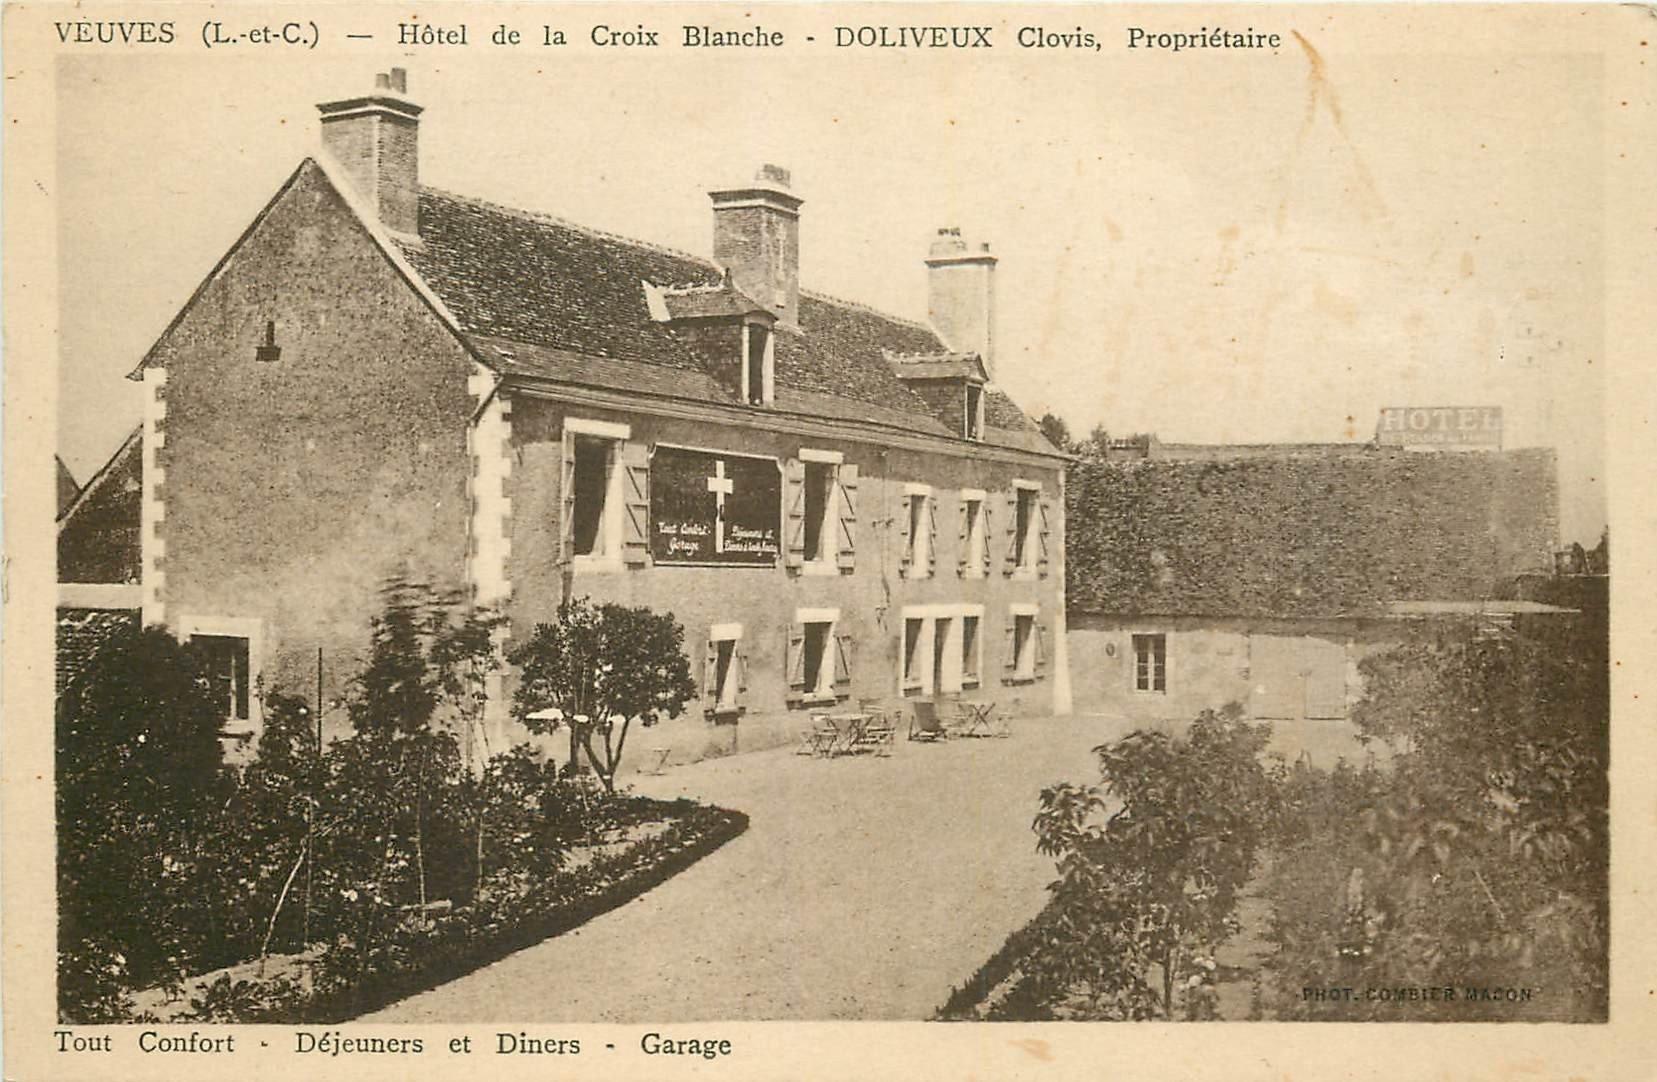 41 VEUVES. Hôtel Auberge de la Croix Blanche tenu par Doliveux